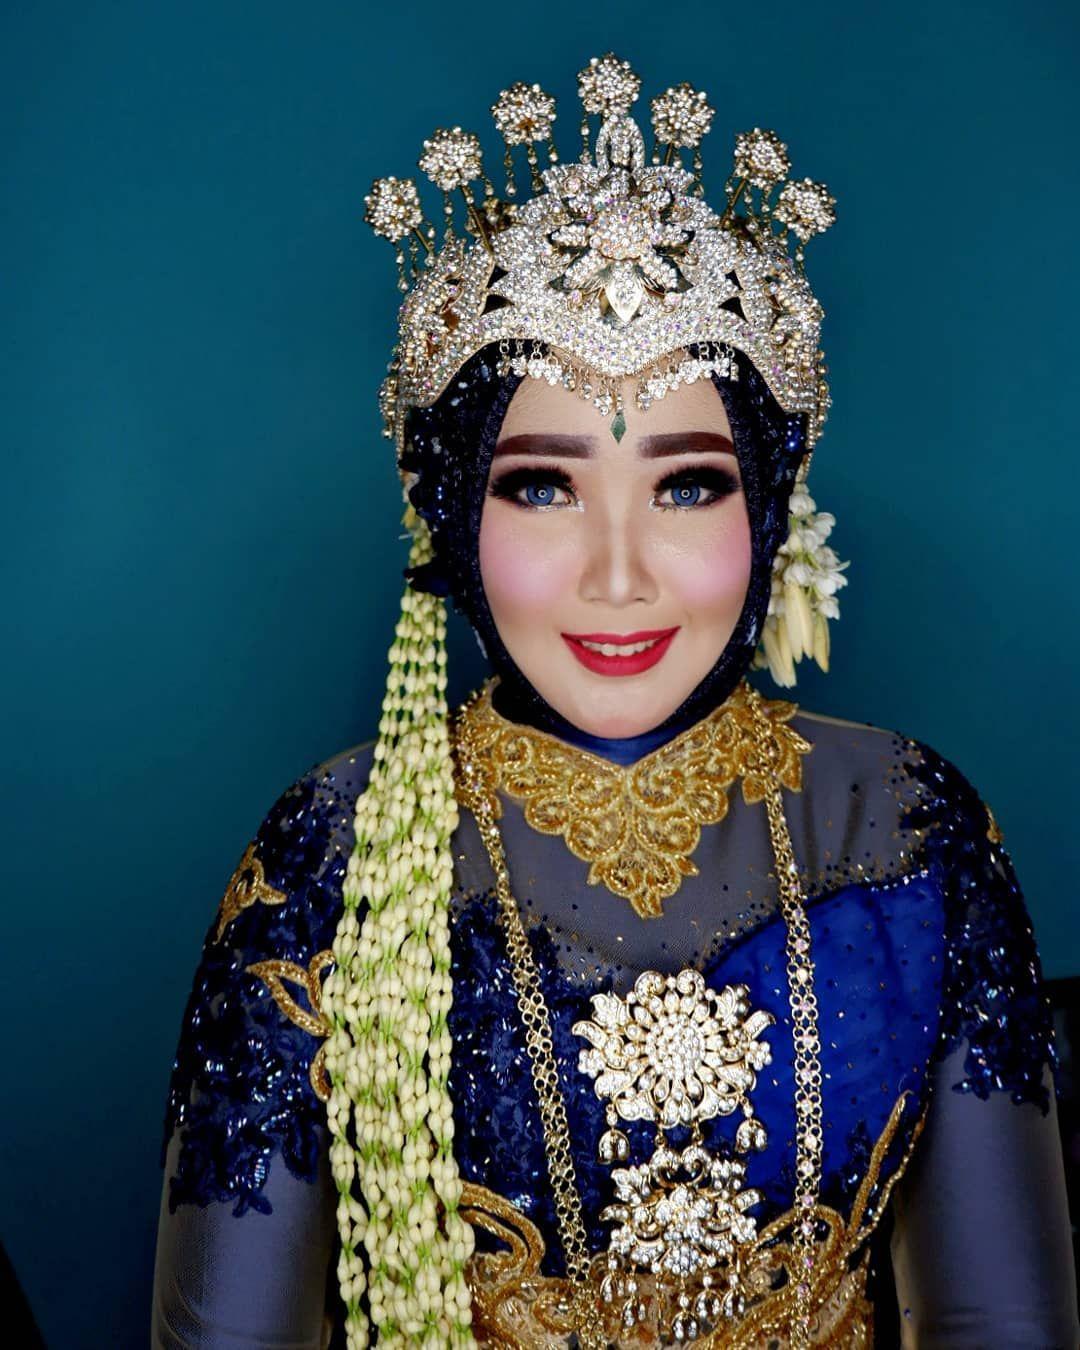 Pengantin Sunda Siger Muslim Make Up Dan Busana At Ugiemarbugi